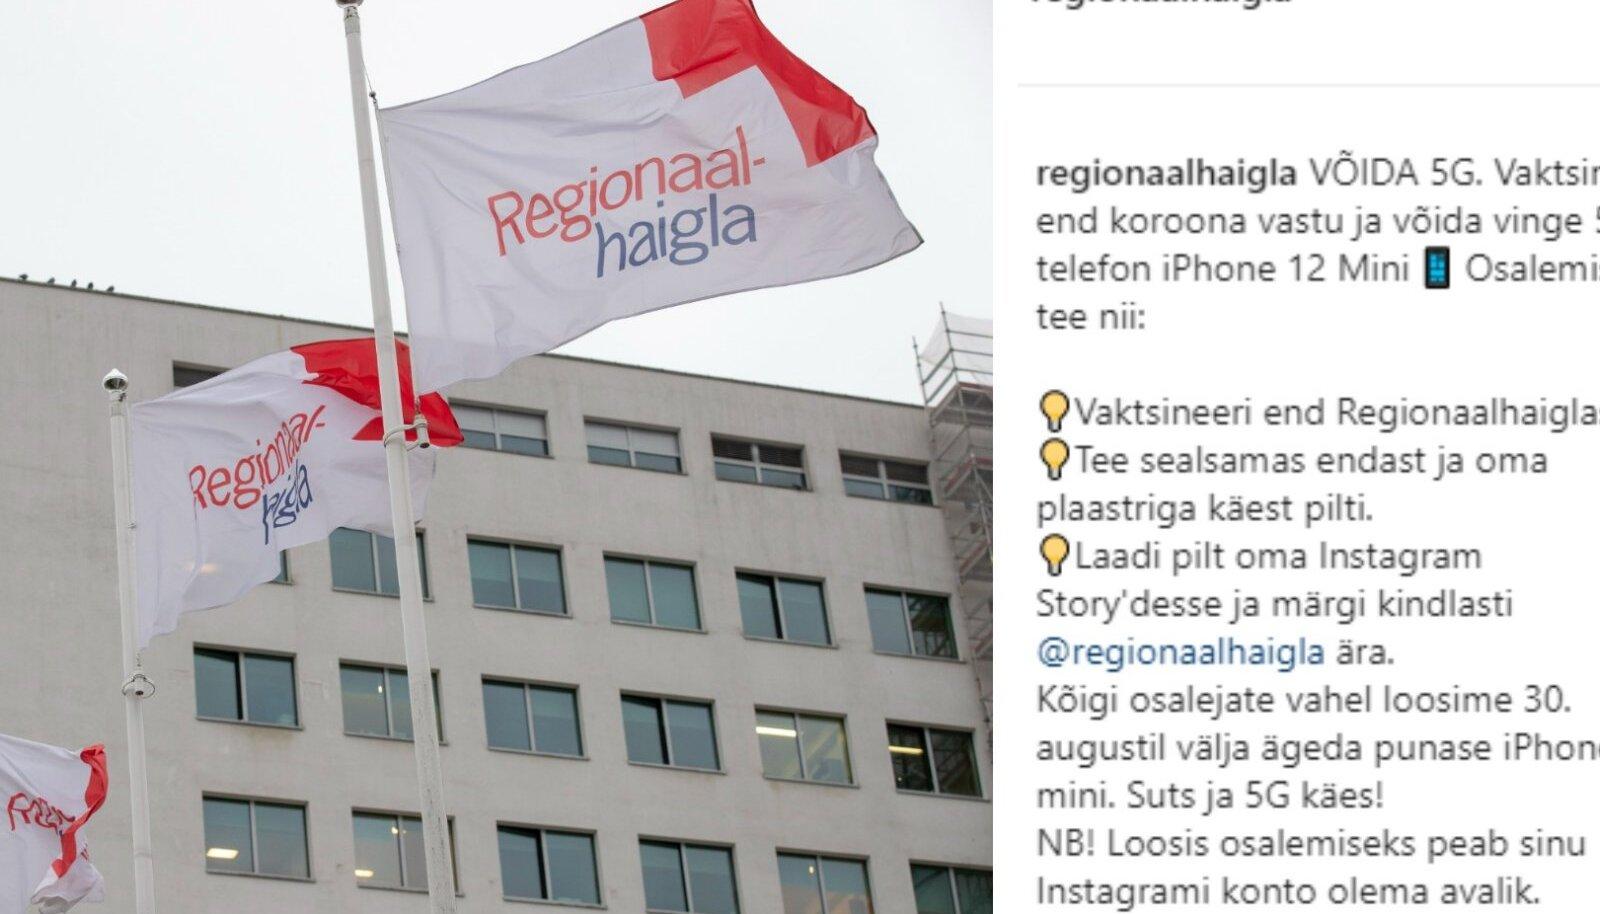 Põhja-Eesti Regionaalhaigla vaktsineerimiskampaania